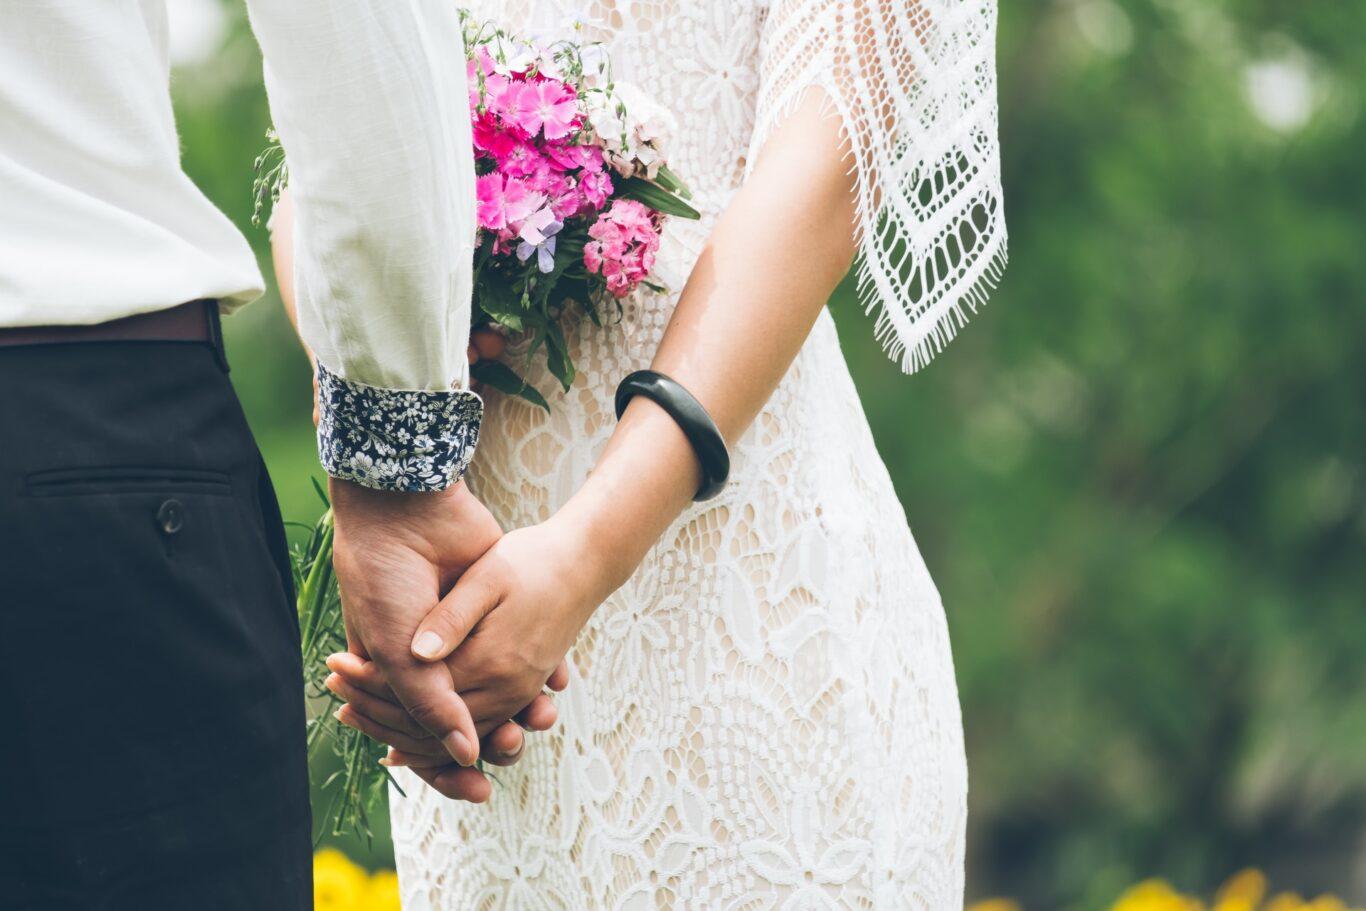 σεμβουλές για το χαιρετισμό του γάμου